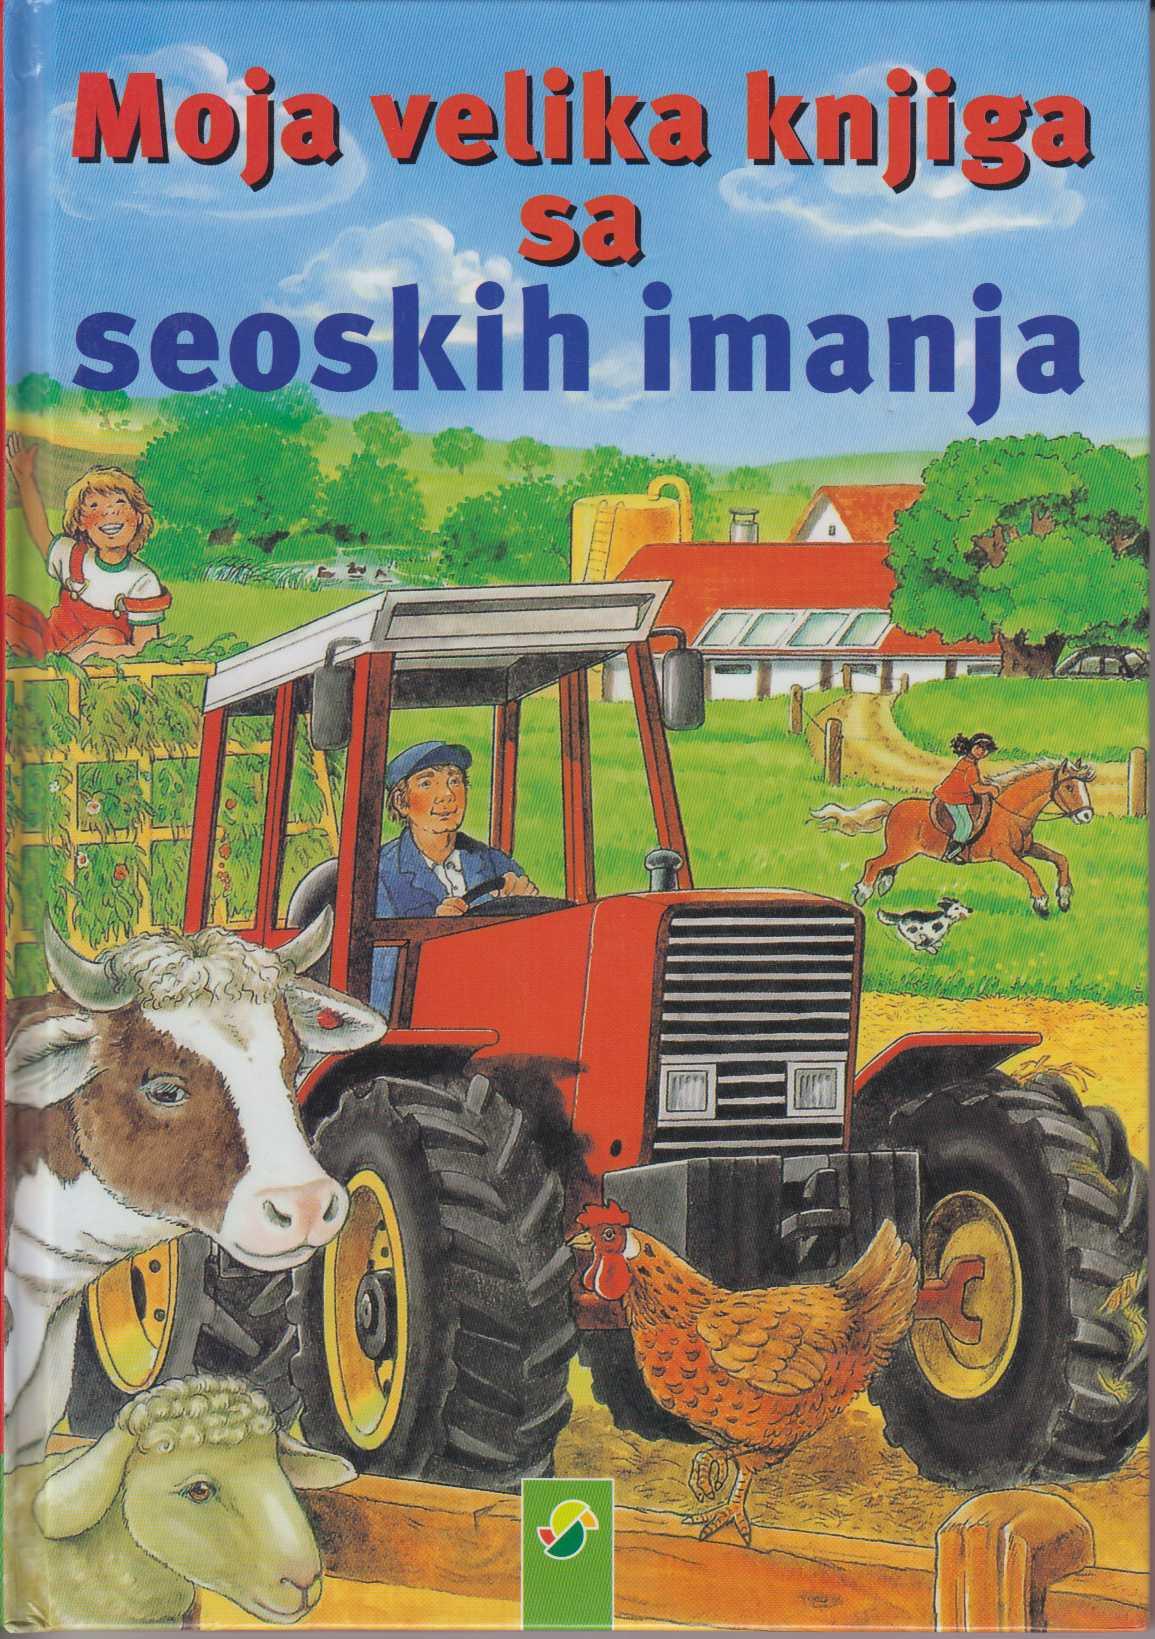 Moja velika knjiga sa seoskih imanja